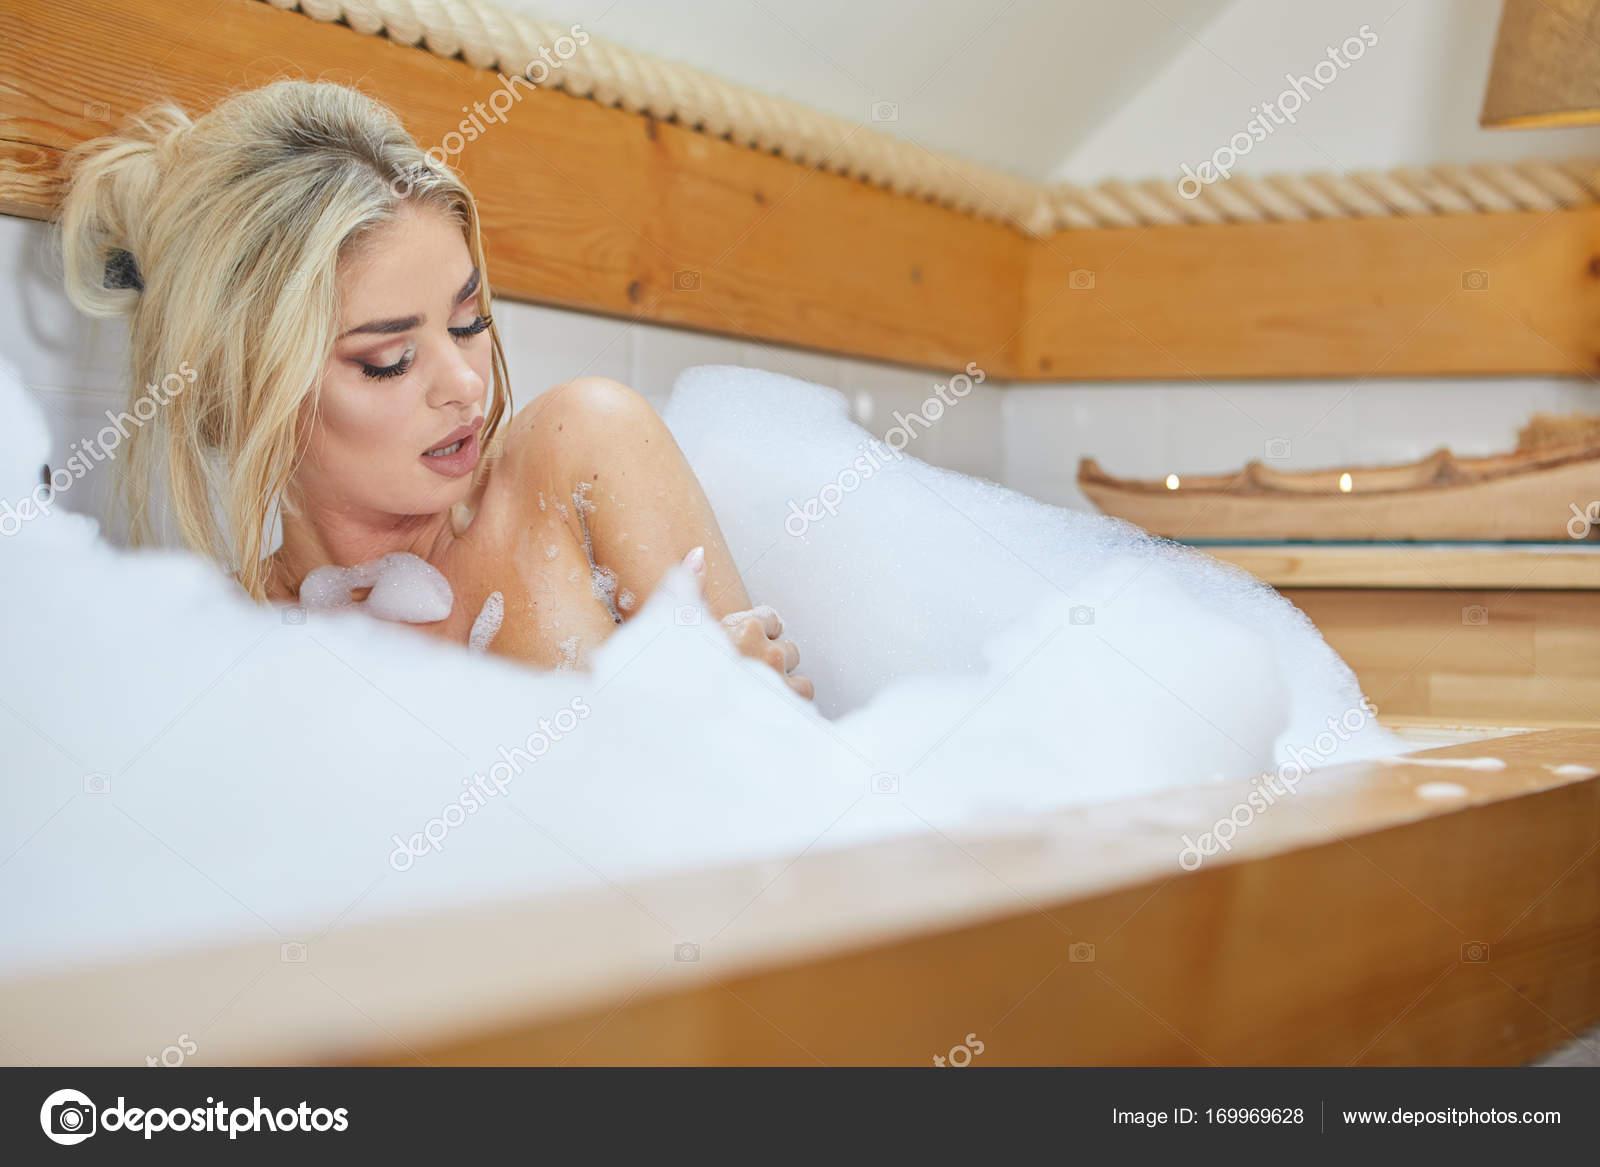 Vasca Da Bagno Relax : Giovane donna giocando con la schiuma nella vasca da bagno u2014 foto